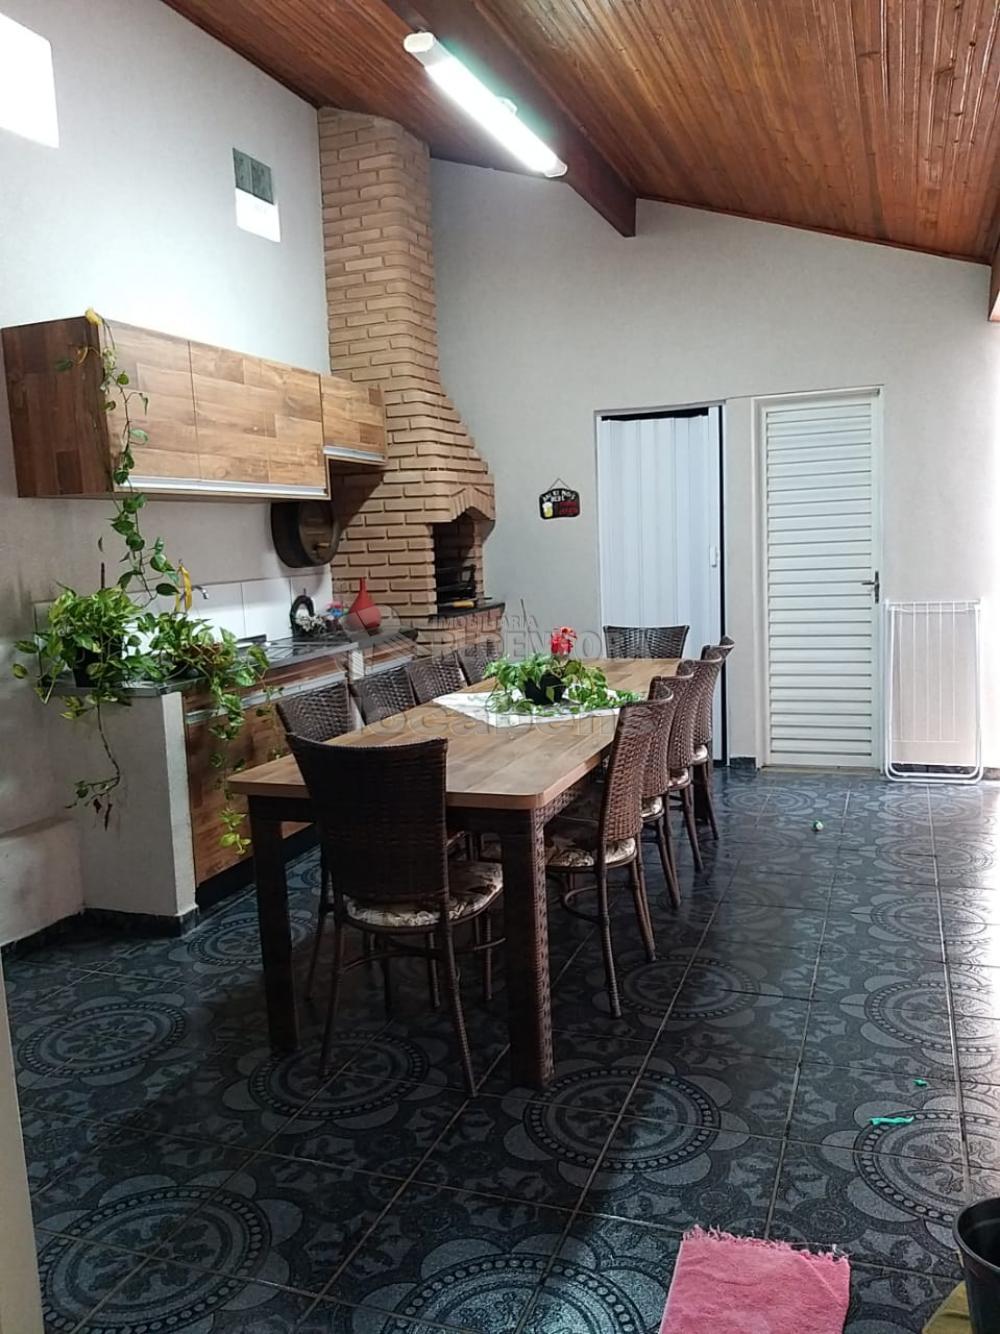 Sao Jose do Rio Preto Casa Venda R$300.000,00 2 Dormitorios 3 Vagas Area do terreno 200.00m2 Area construida 170.00m2